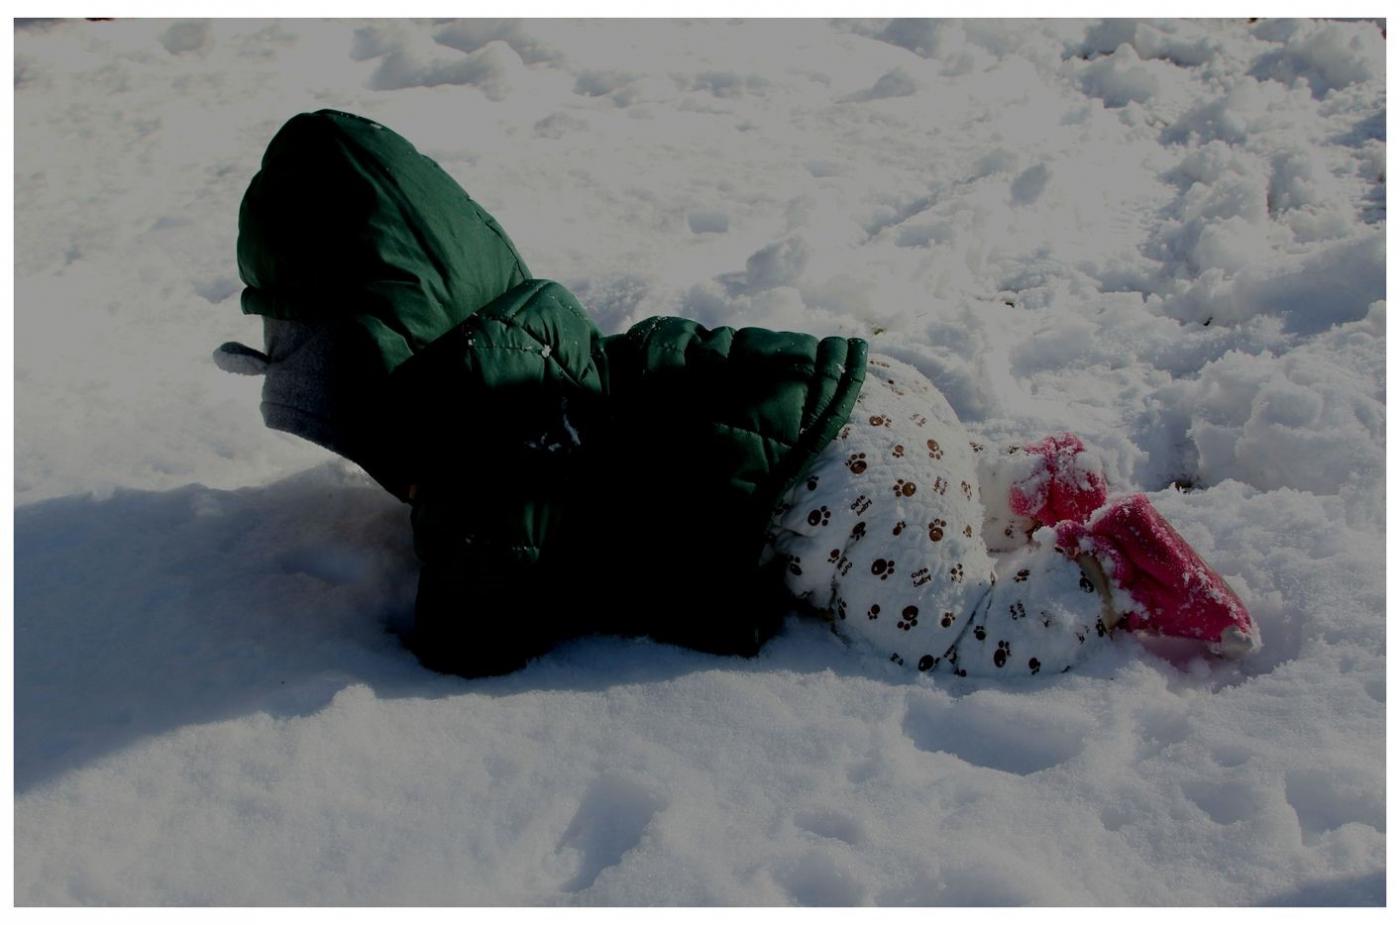 纽约地区入冬首雪景色迷人_图1-28